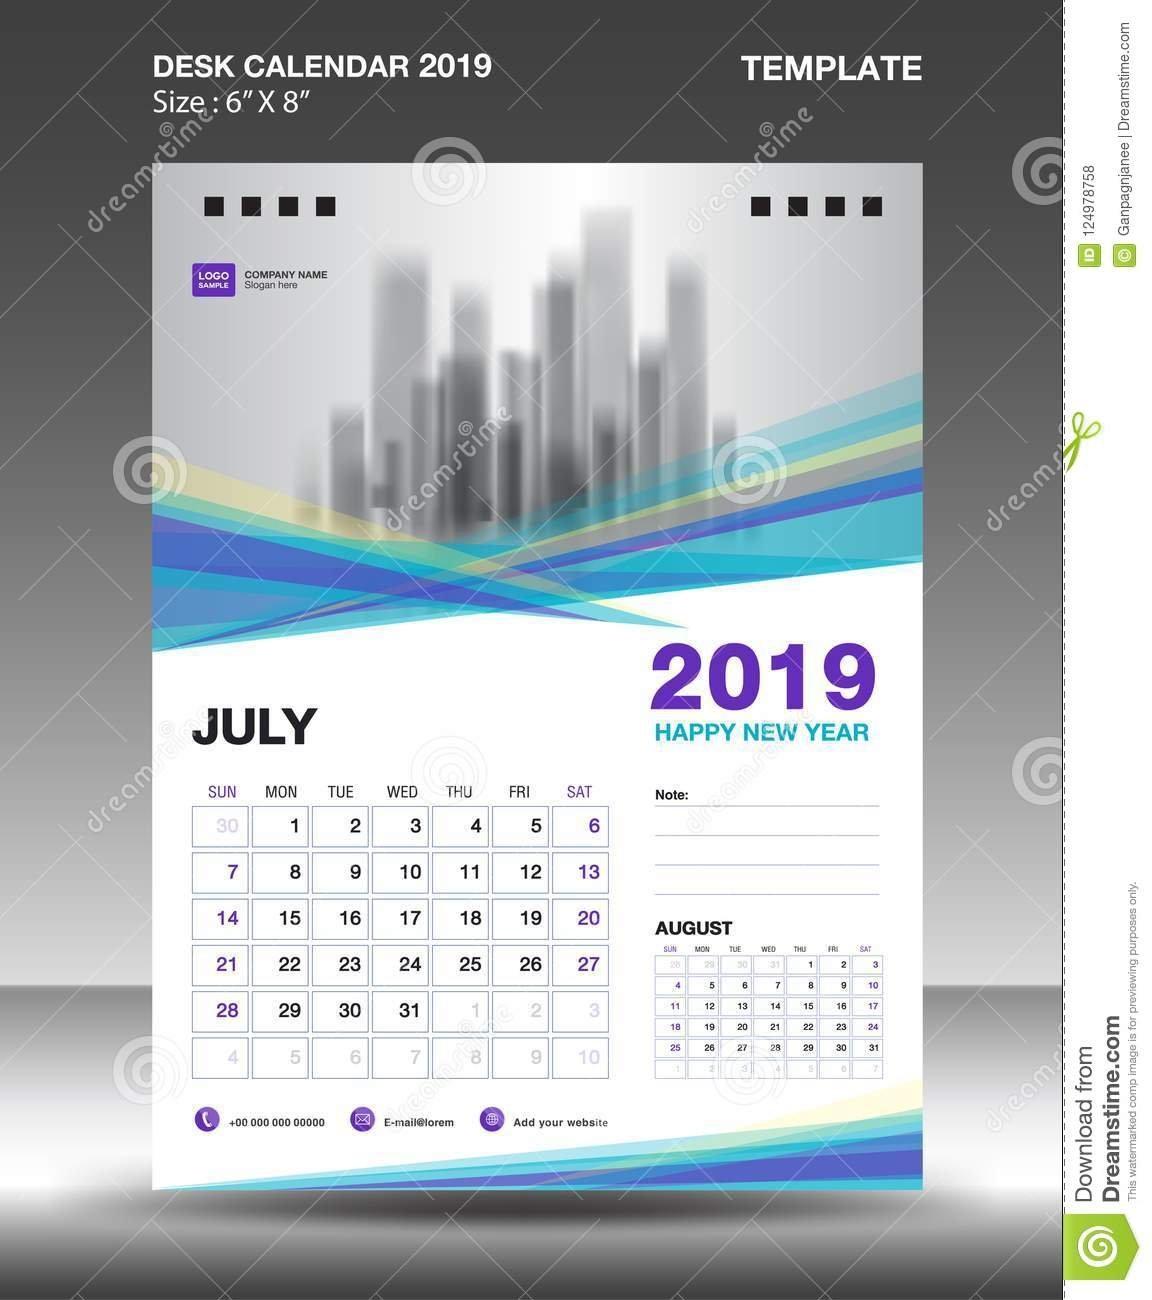 August – Desk Calendar 2019 Template, Flyer Design Vector, Blue Calendar 2019 Design